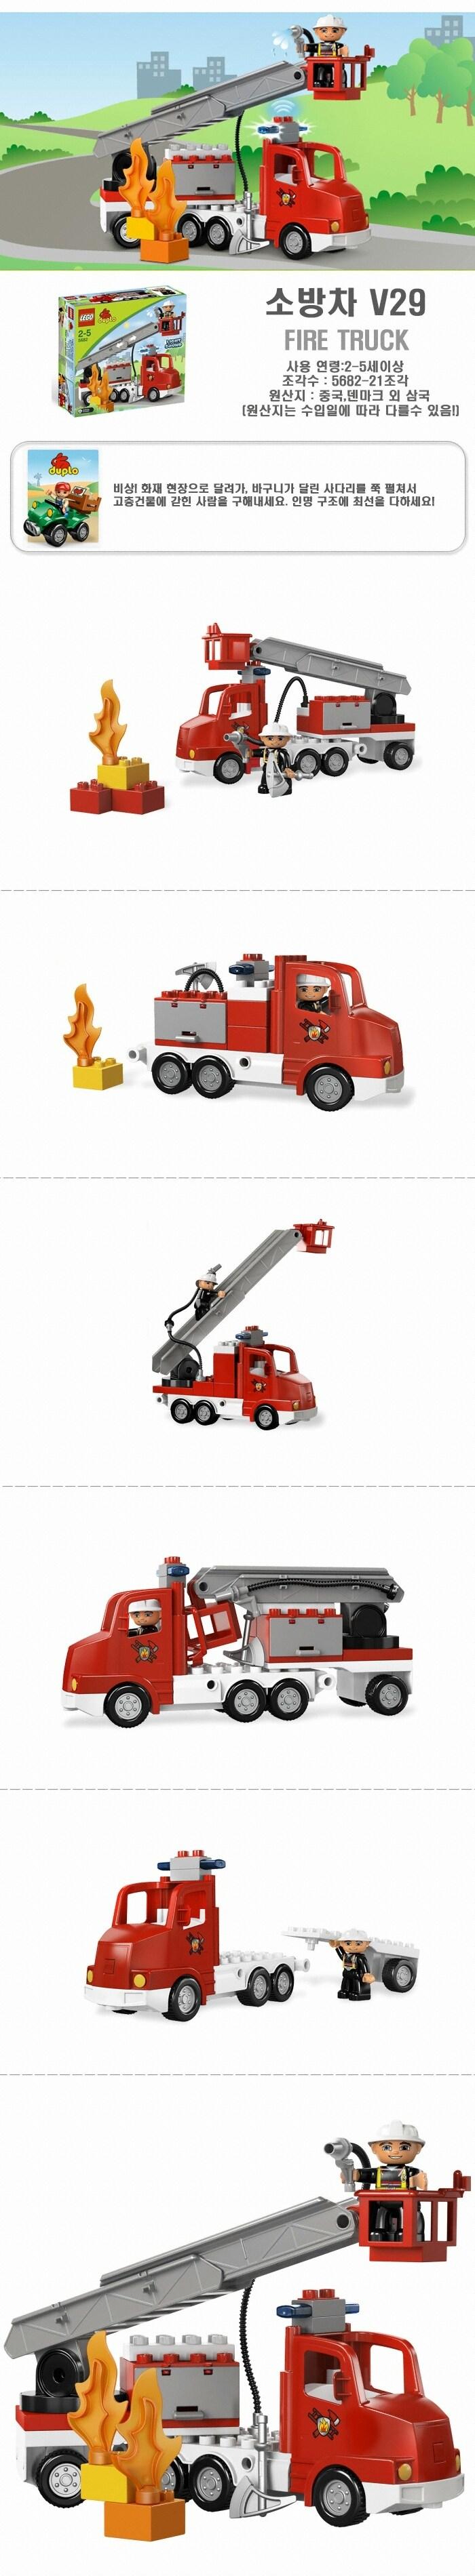 5682 Lego Duplo Fire Truck